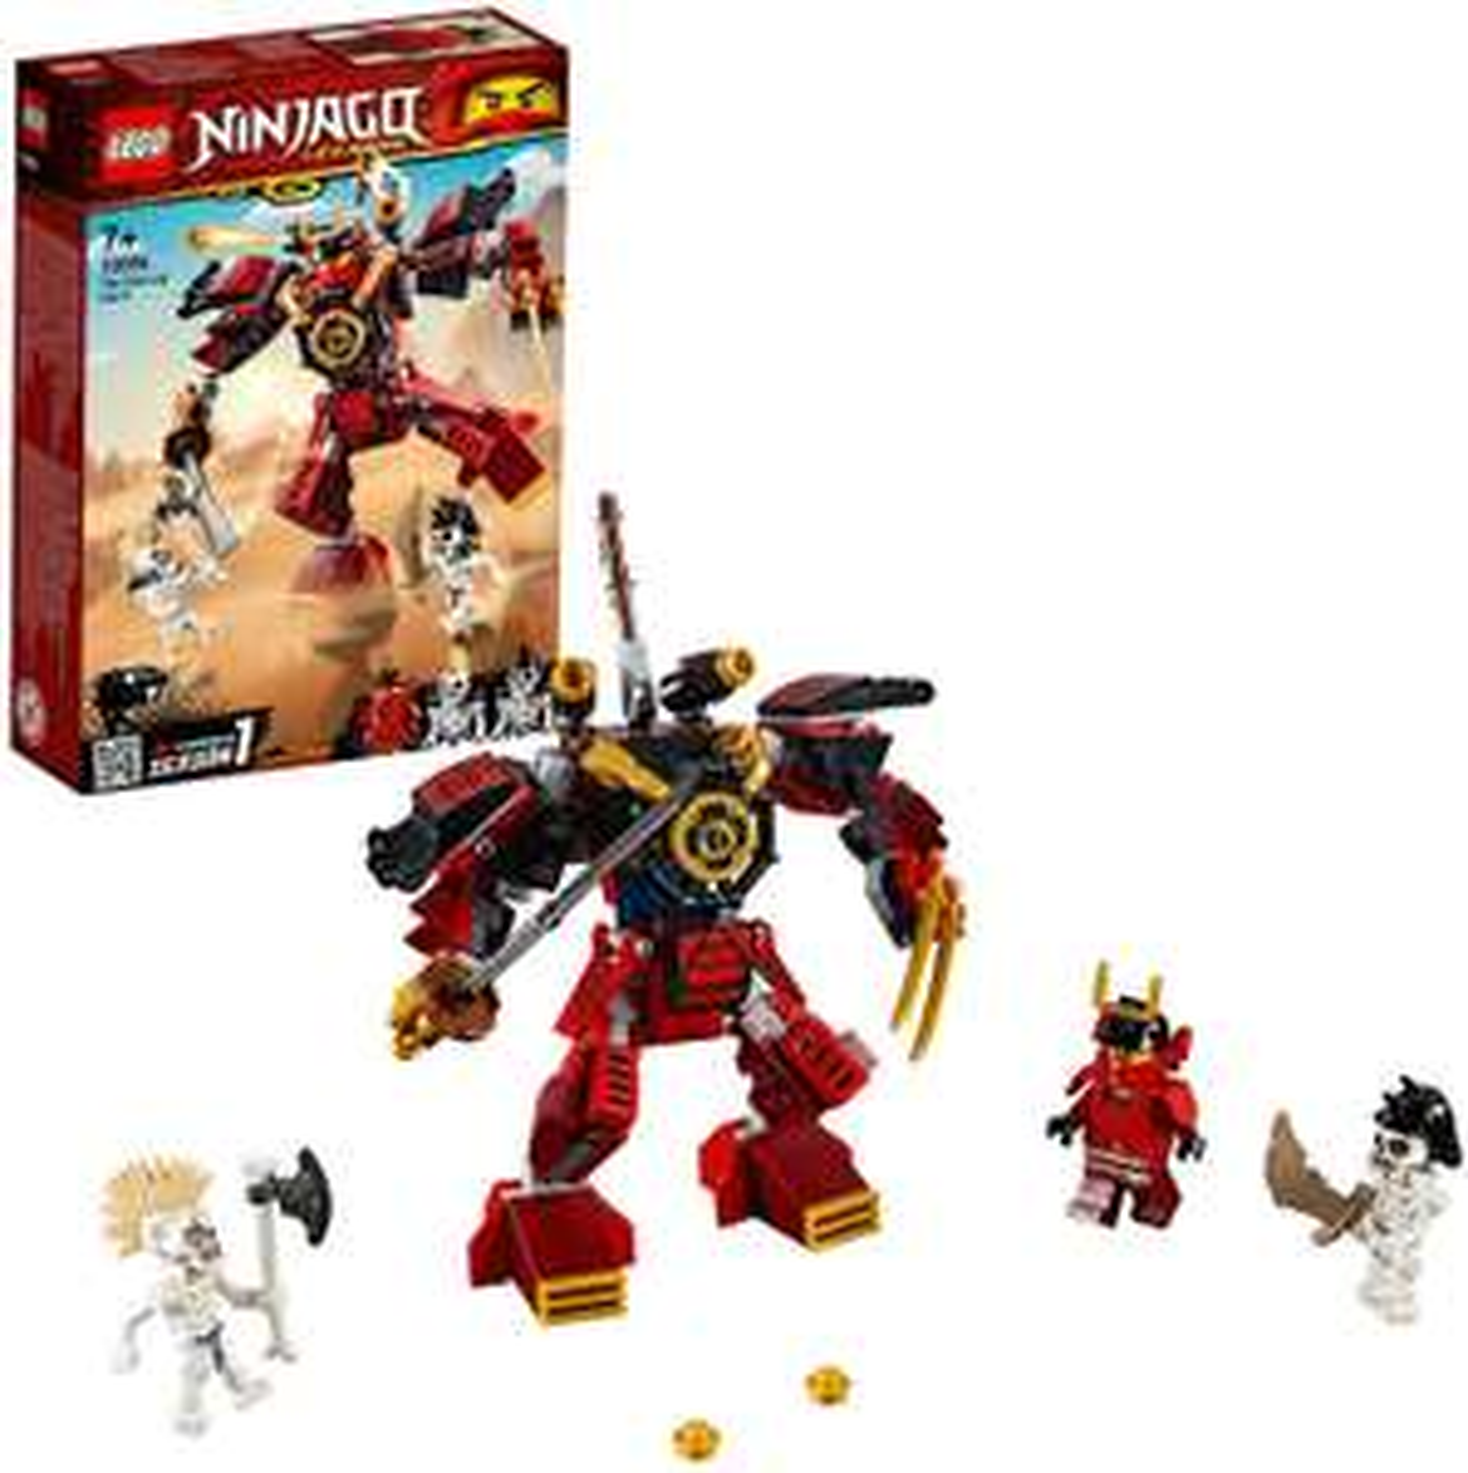 LEGO 70665 NINJAGO The Samurai Mech £10 (Prime) £14.49 (non Prime) at Amazon